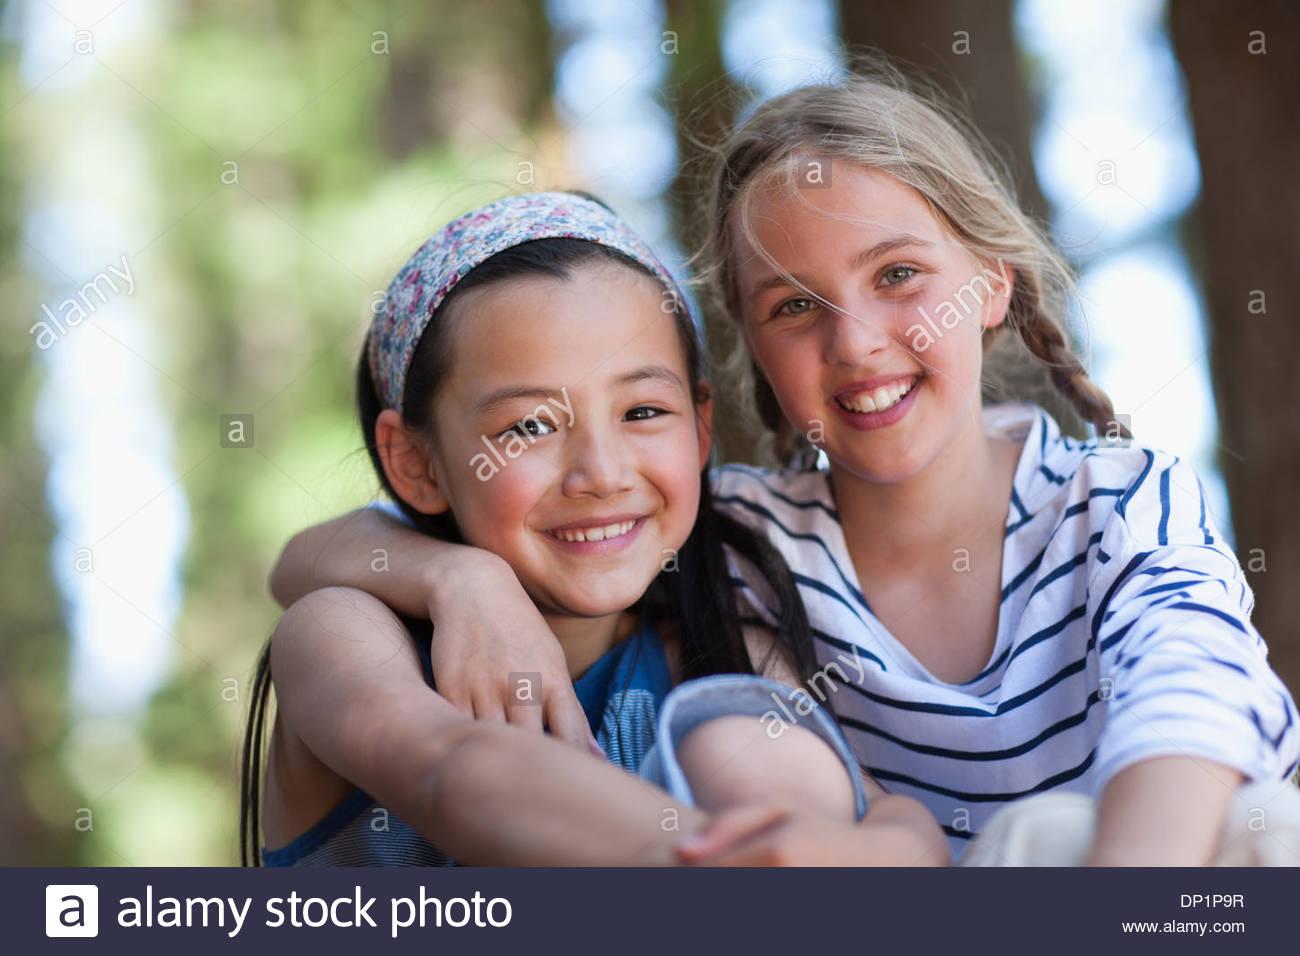 Zwei Mädchen, Porträt Stockbild